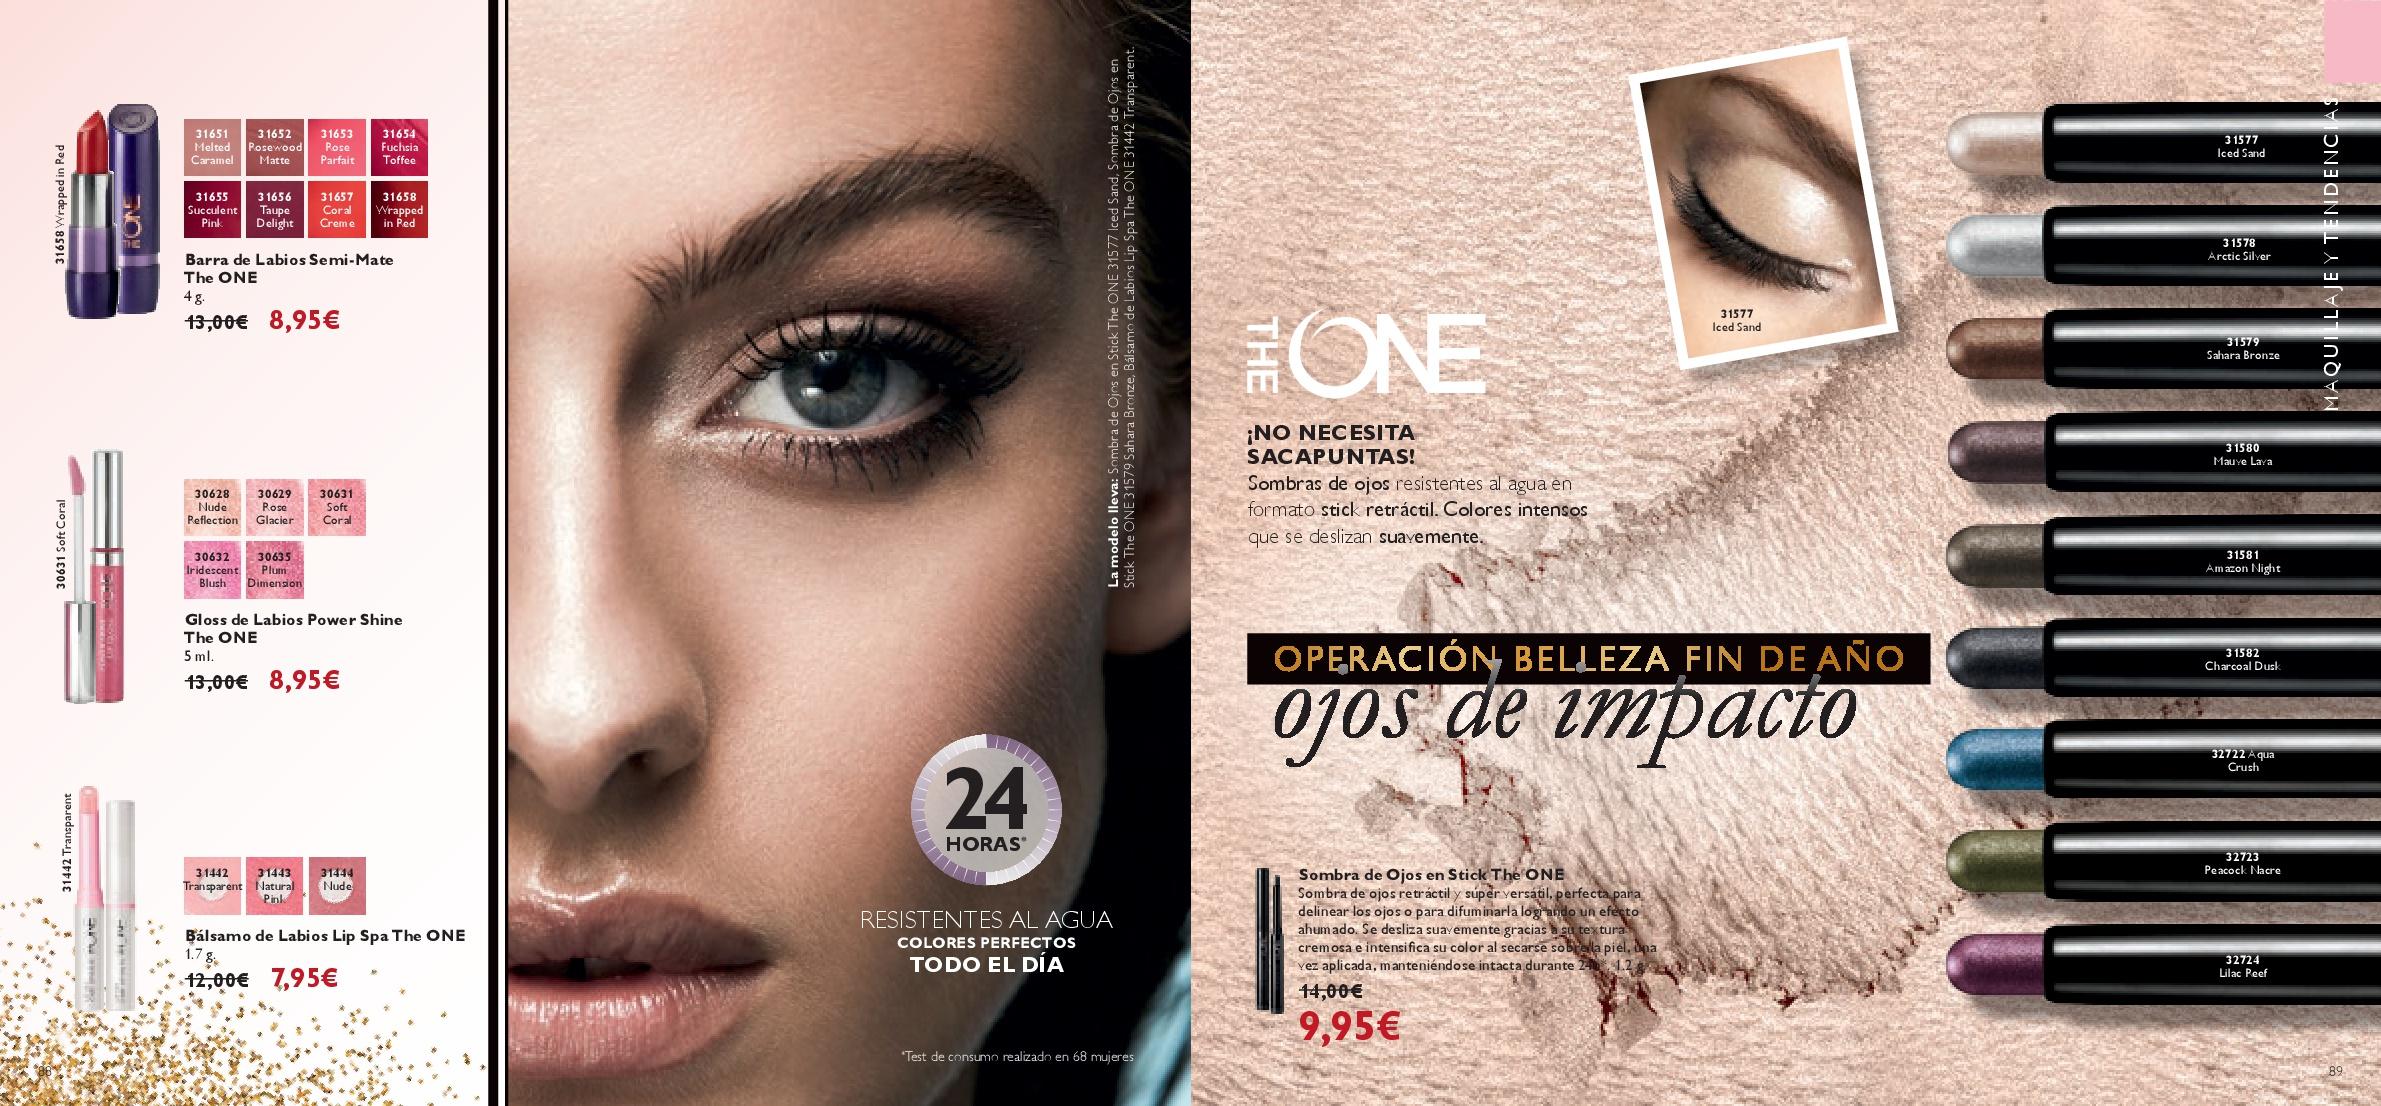 Oriflame catalogo 17 045